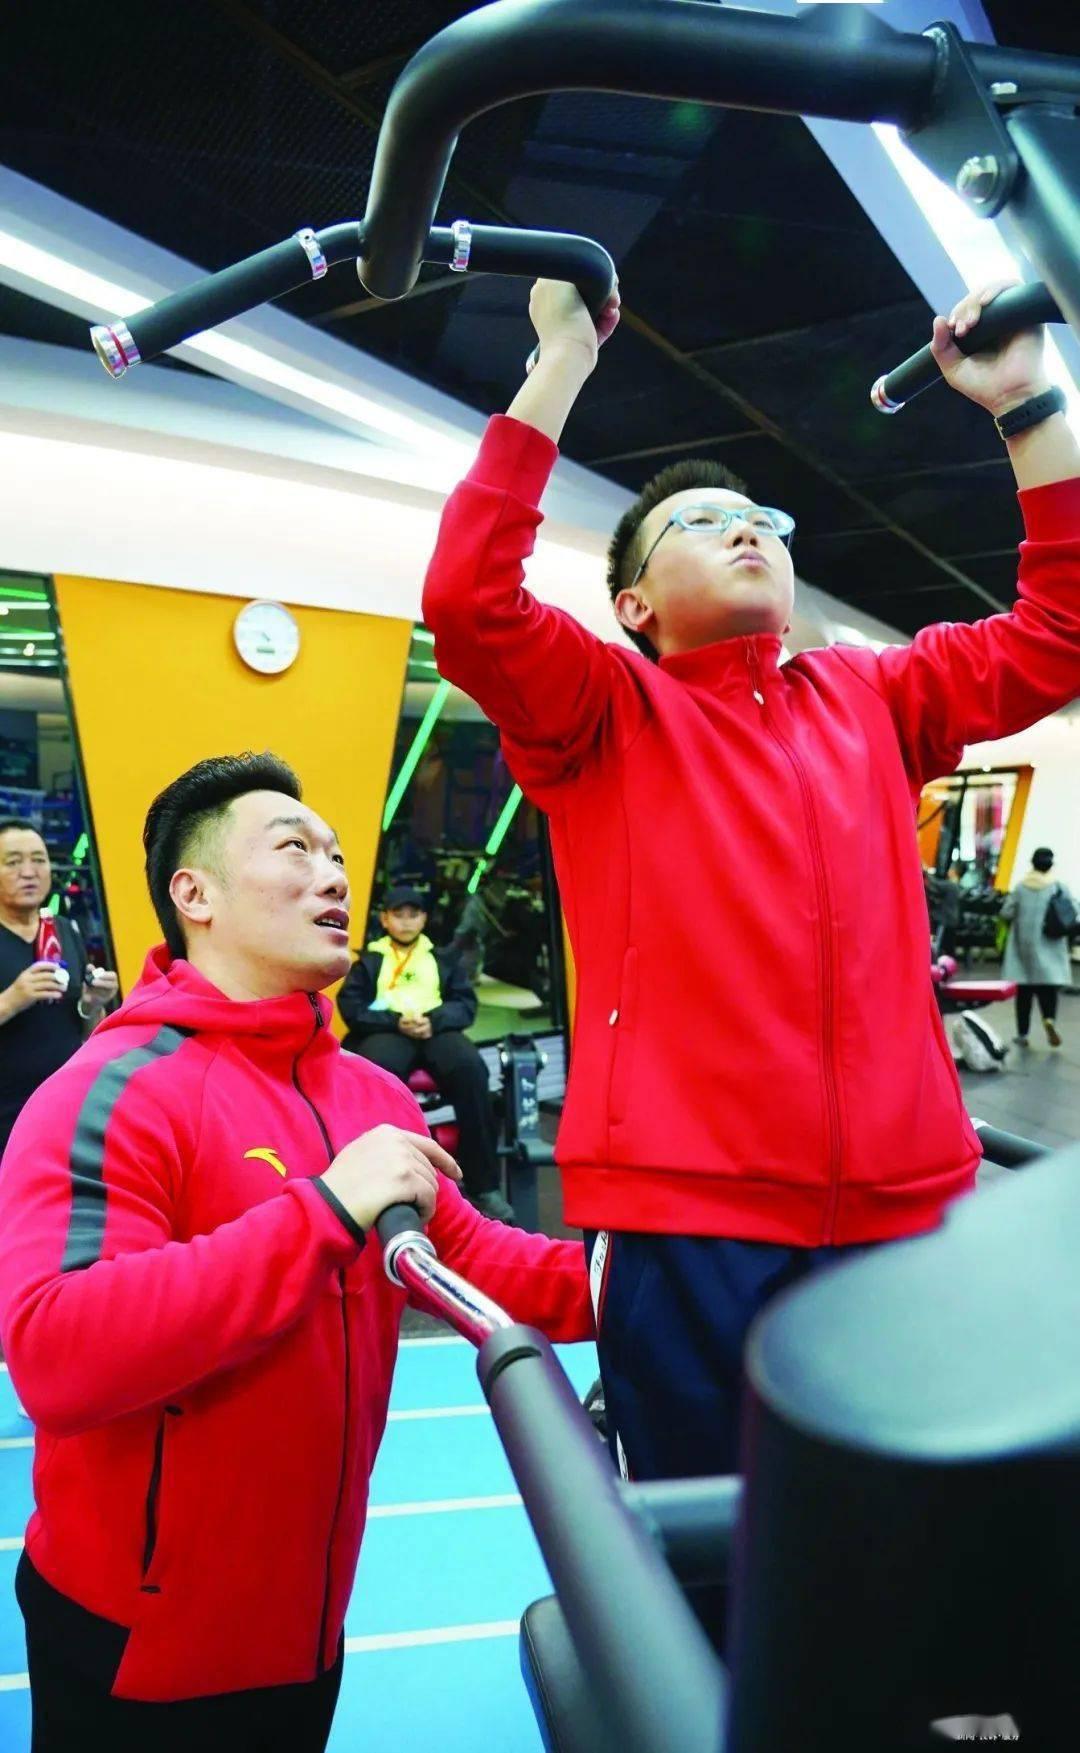 青岛体育中考新政效应初显:学校将课间操改为跑操